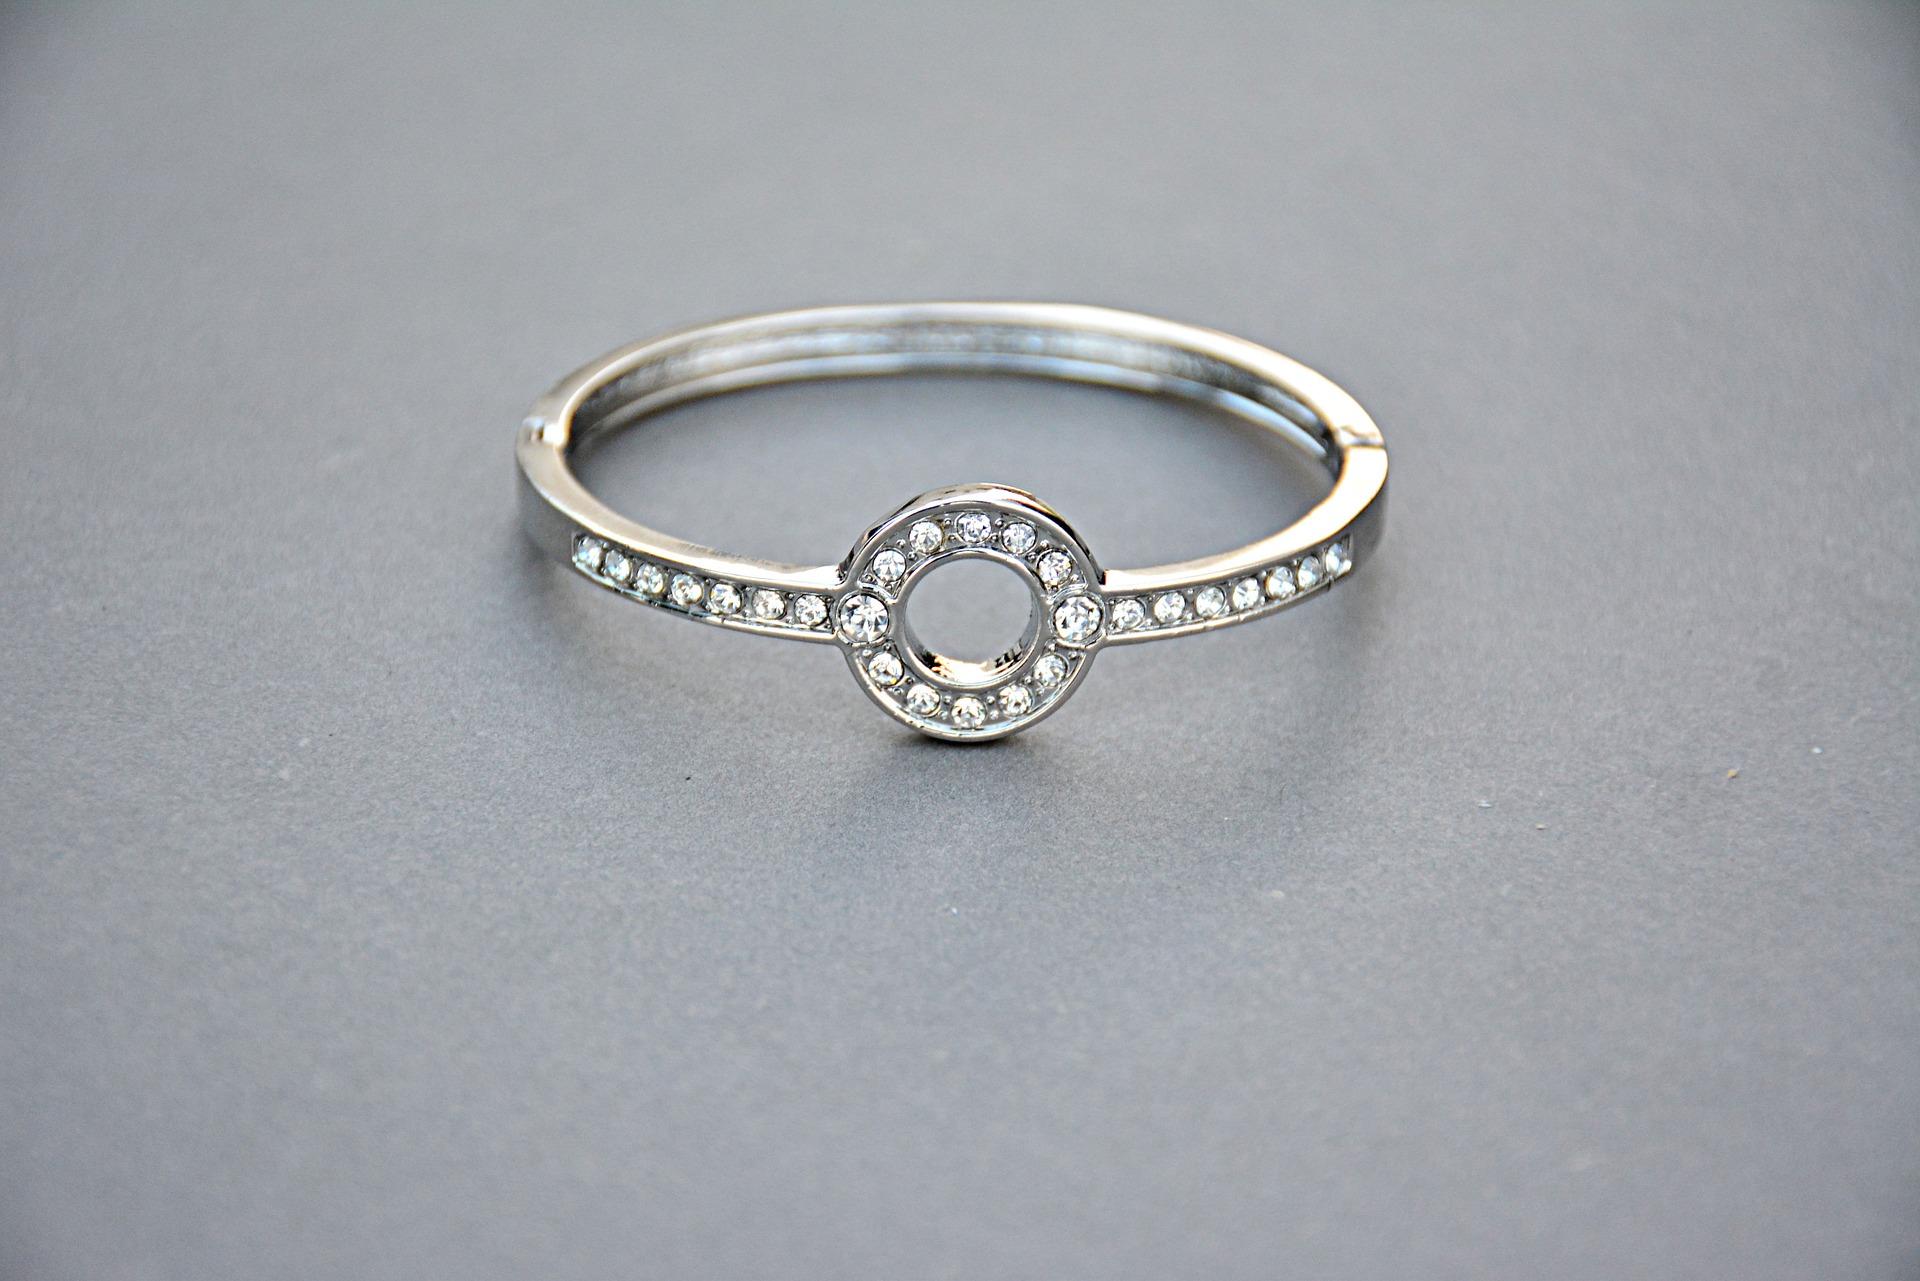 jewellery-1175528_1920